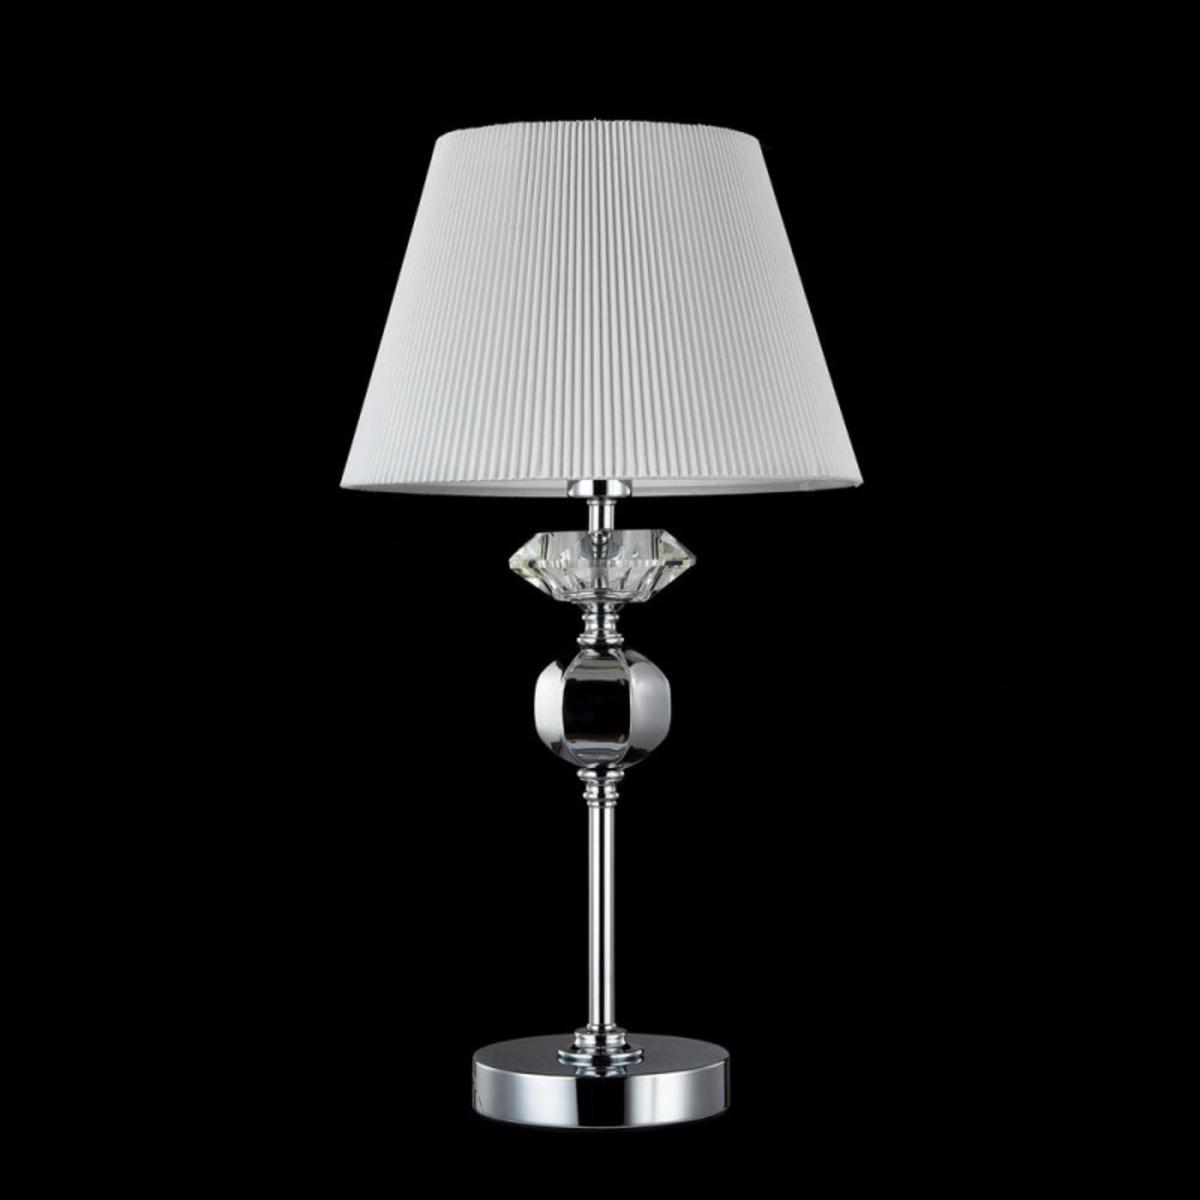 Купить Настольная лампа Modern+MOD560 MOD560-TL-01-N, HomeMe